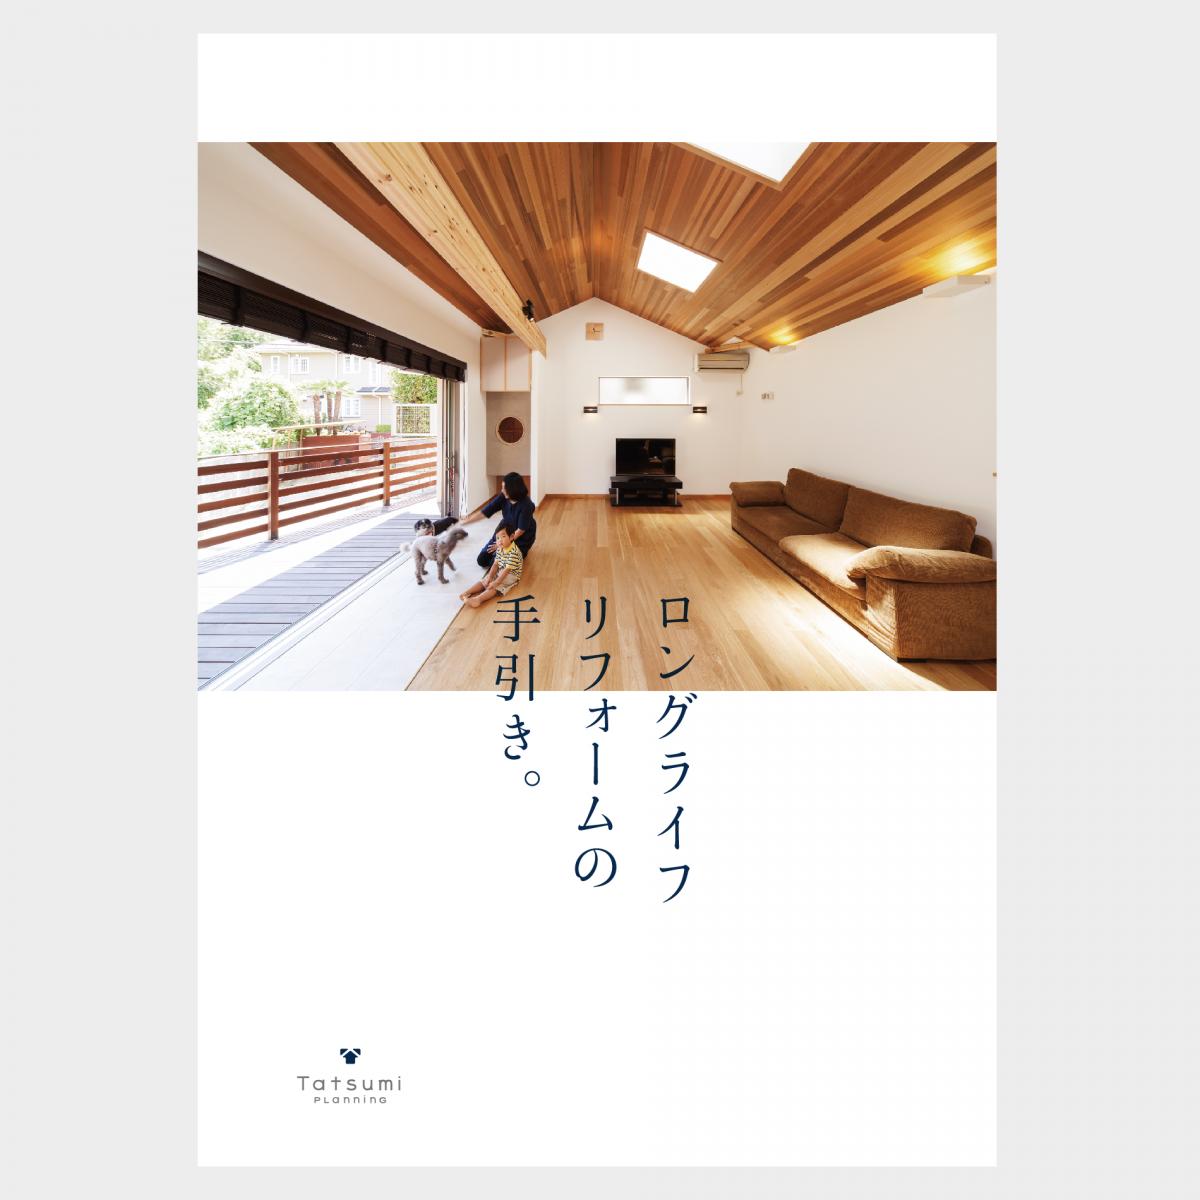 Tatsumi Planning|『ロングライフリフォームの手引き』|パンフレット グラフィックデザイン コピー|建築施工 リノベーション|神奈川県横浜市